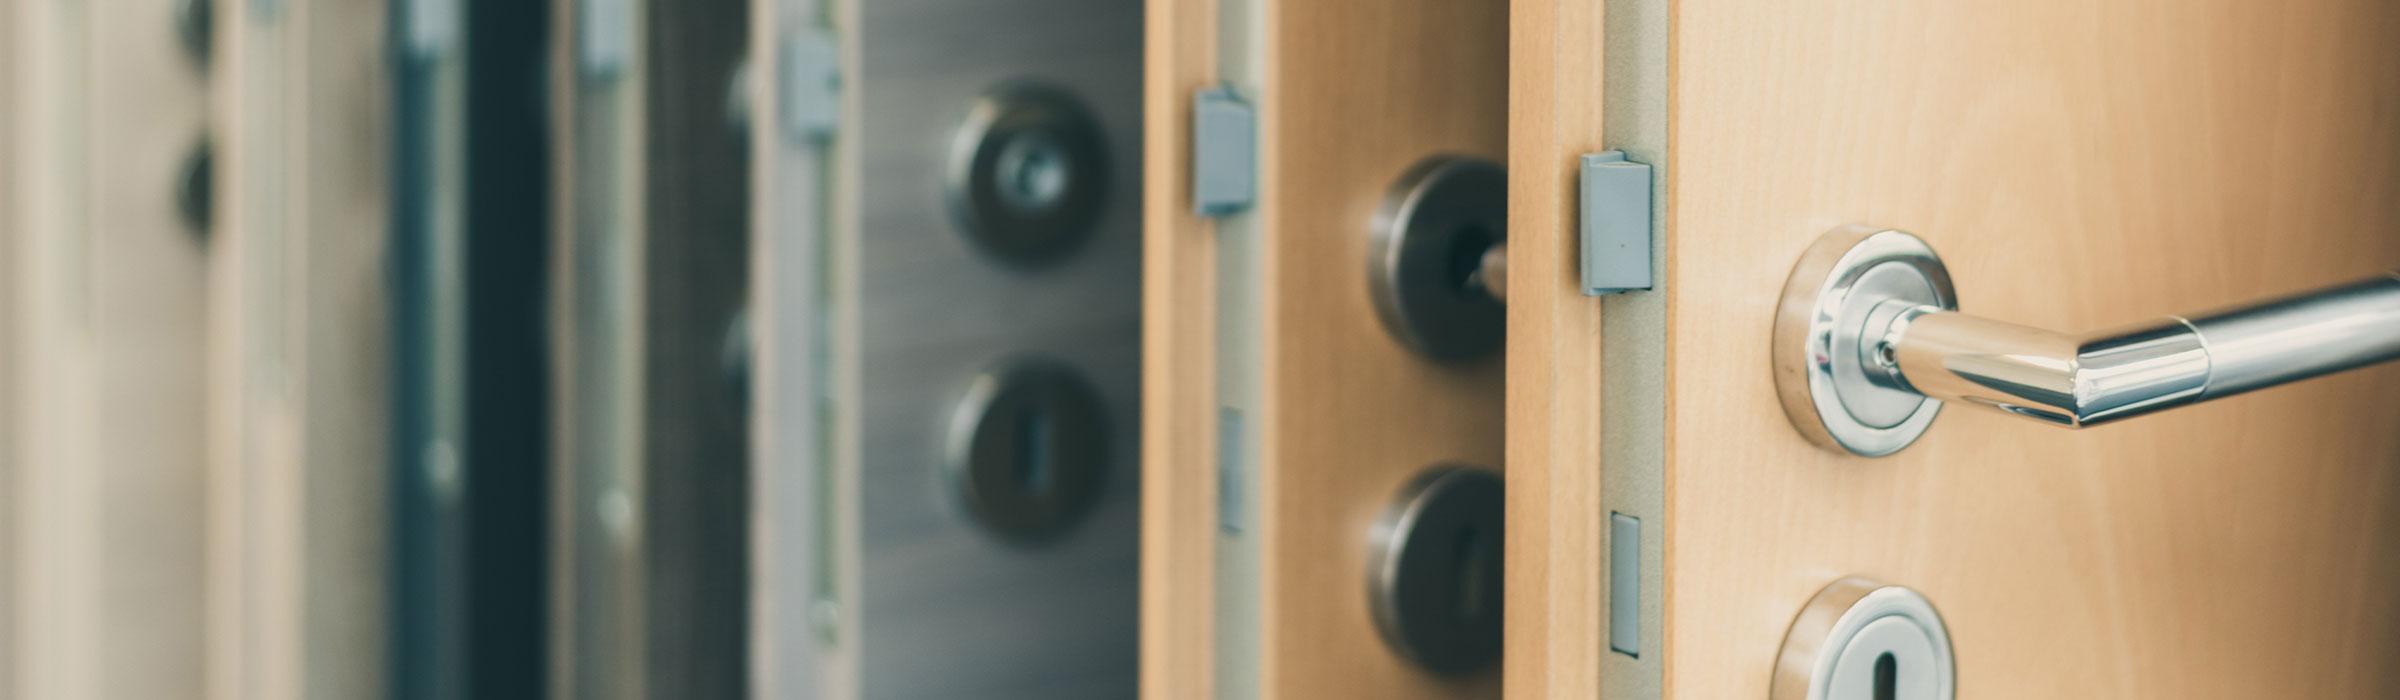 Silder Türen für innen & außen